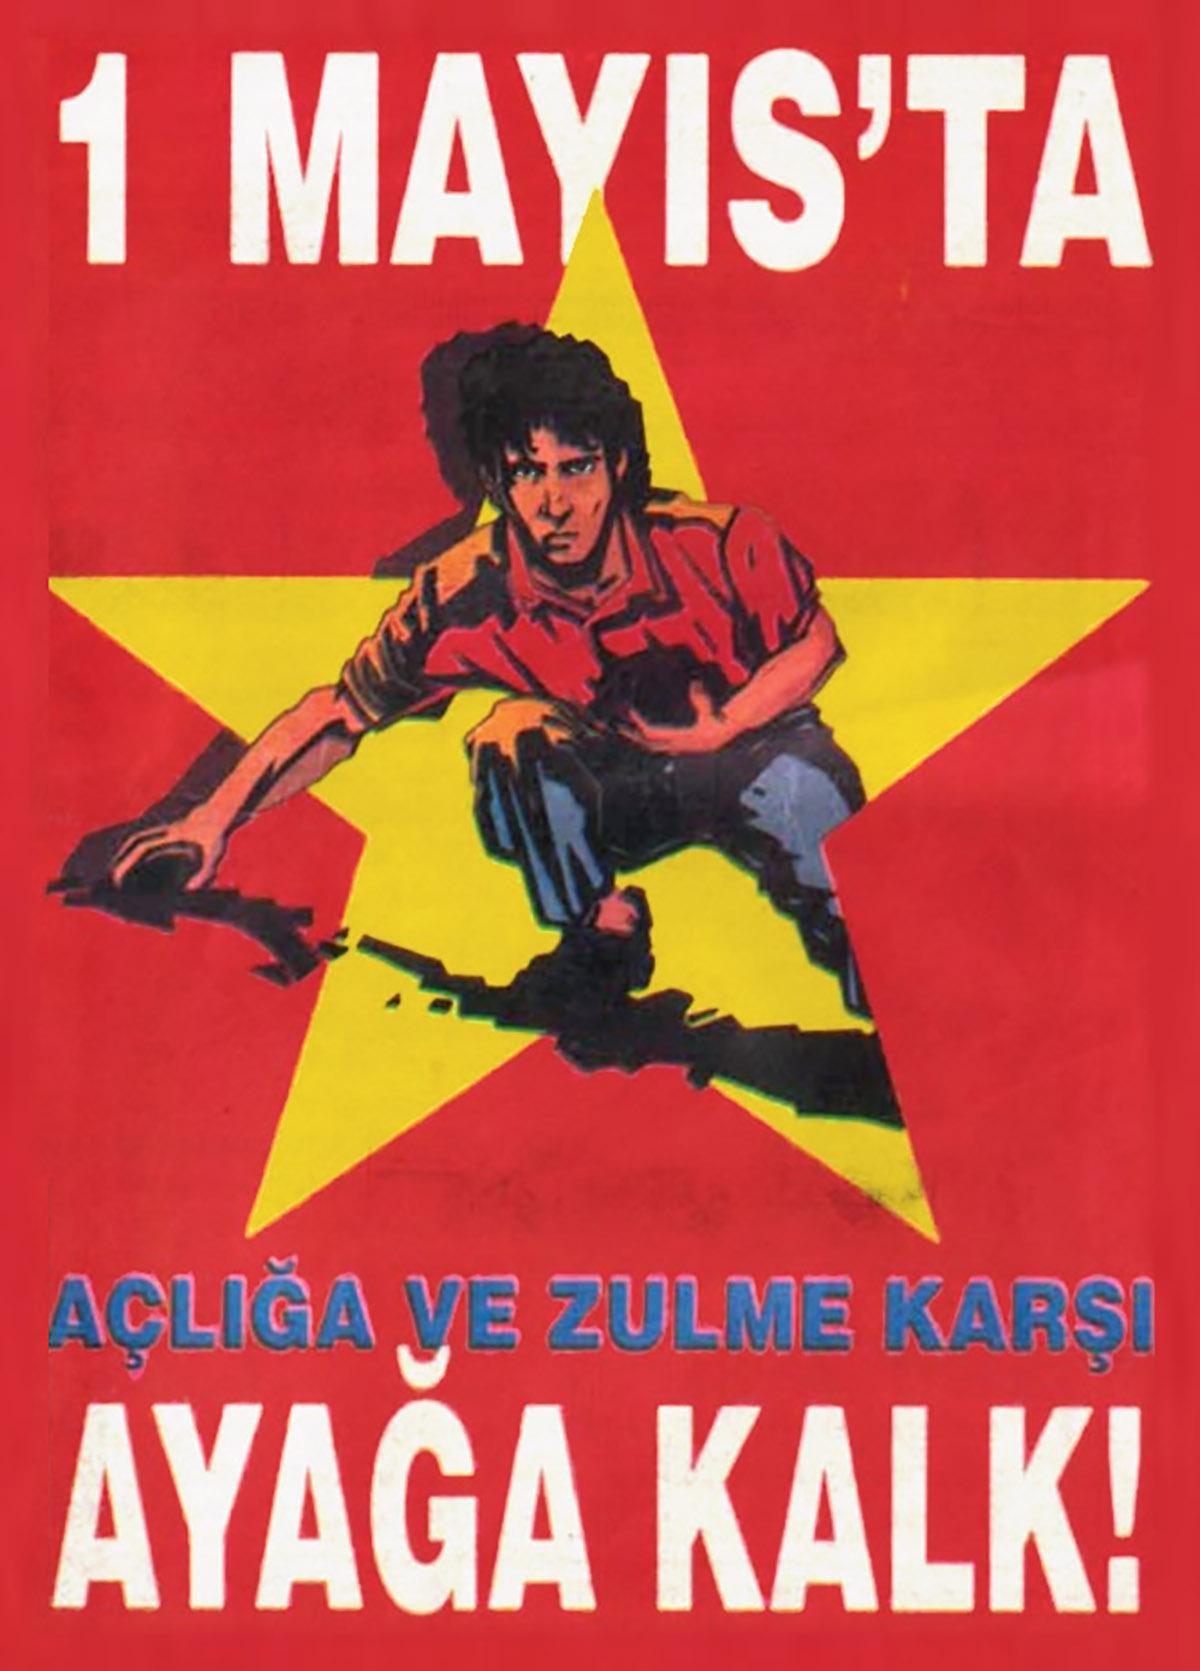 Tarihten günümüze, 100 Afişle İşçinin Emekçinin Bayramı 1 Mayıs | Press  Haber